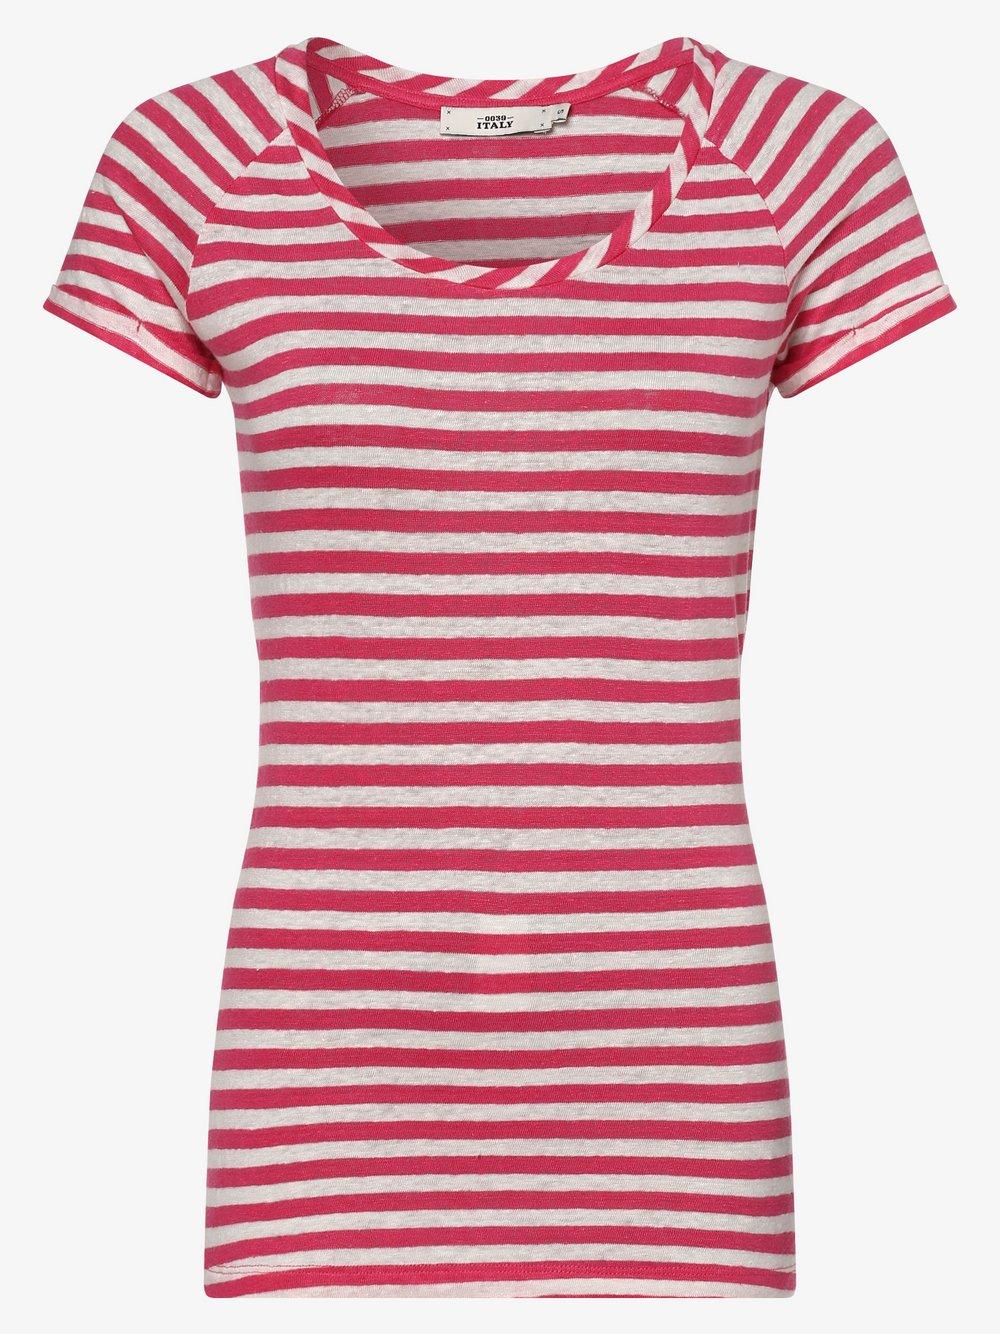 0039 Italy – Damski T-shirt lniany – Amalia Stripe, różowy Van Graaf 464306-0001